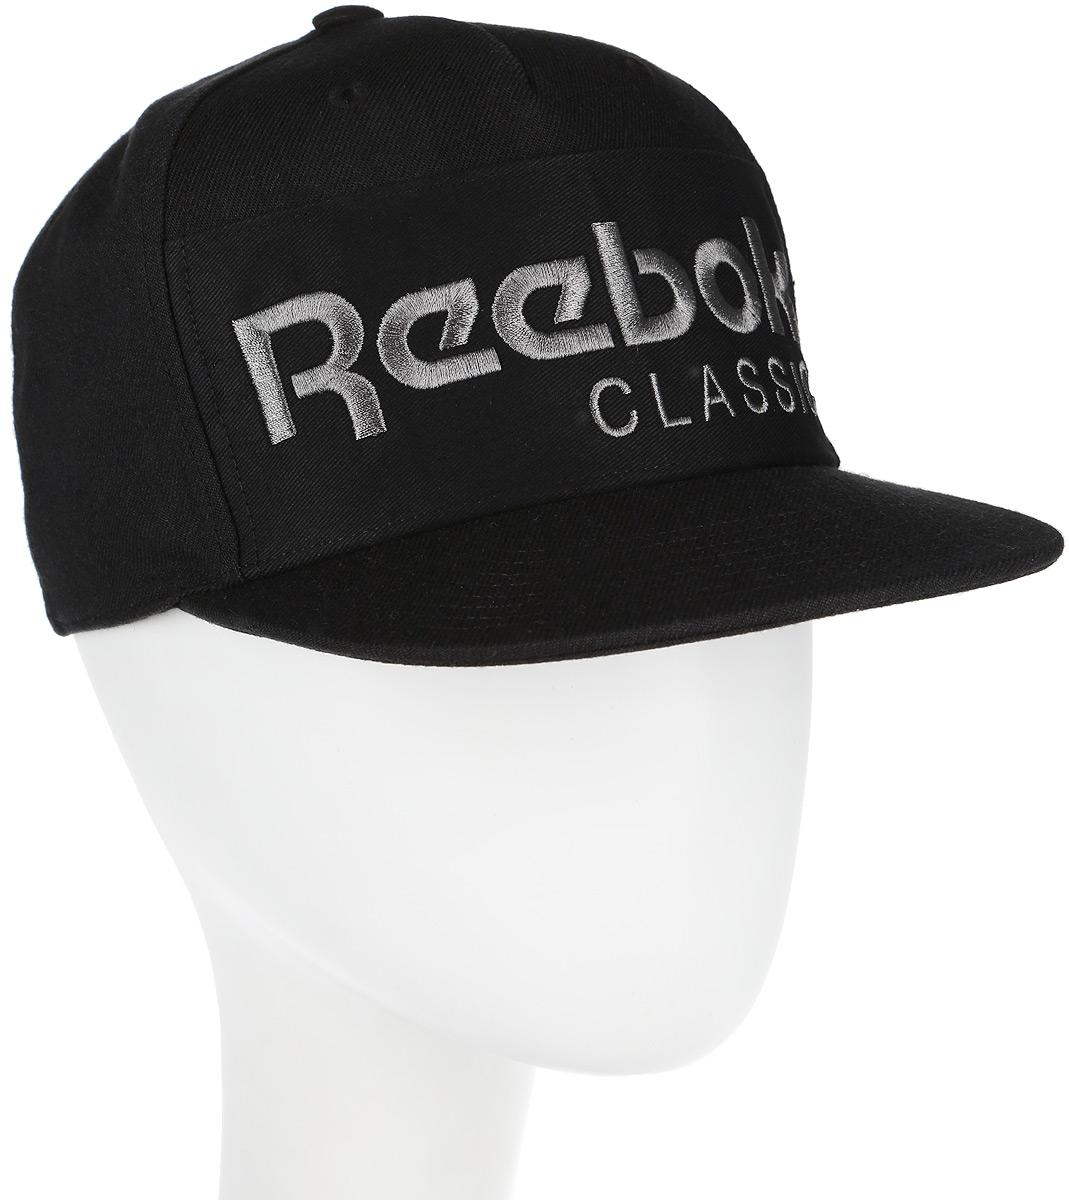 Бейсболка Reebok Cl Foundation Cap, цвет: черный. AX9965. Размер M (58)AX9965Стильная бейсболка Reebok CL FOUNDATION идеально подойдет для прогулок, занятий спортом и отдыха.Бейсболка выполнена из 100% хлопка, снабжена впитывающей внутренней отделкойи имеет плотный плоский козырек. Модель дополнена специальными отверстиями, обеспечивающими необходимую вентиляцию. Бейсболка на фронтальной части декорирована нашивкой из твила с вышитым логотипом Reebok, а застёжка сзади имеет тканый ярлык с символикой Reebok Classic. Объем бейсболки регулируется при помощи пластиковой застежки на кнопках. Такая бейсболка станет отличным аксессуаром и дополнит ваш повседневный образ.